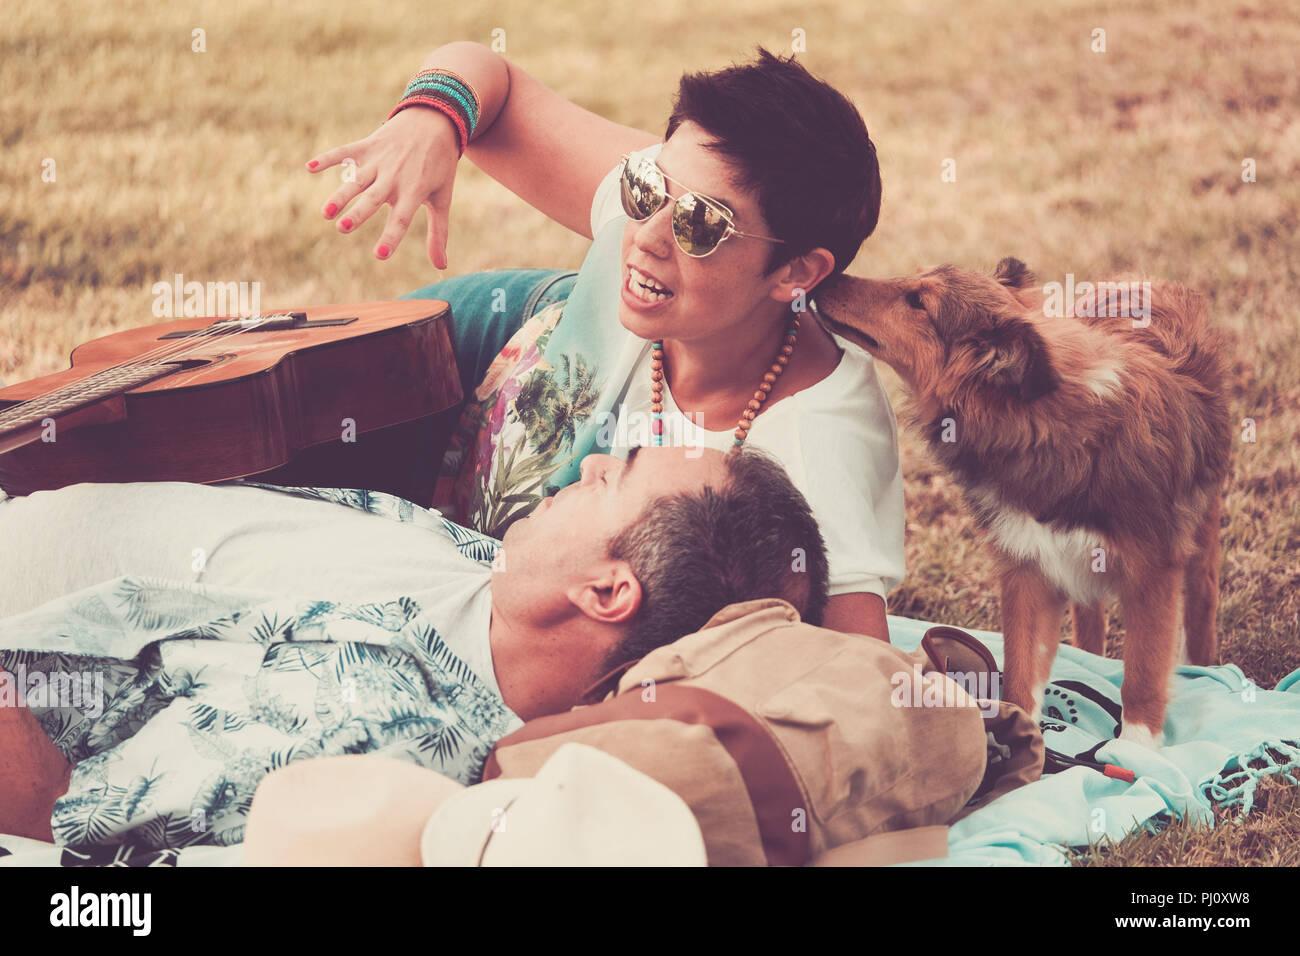 Romantische vintage Szene mit junge schöne Frau und Mann legte sich auf das Gras genießen den Tag. Kleine junge pet Shetland Küssen. hippy friedlich ein Stockbild